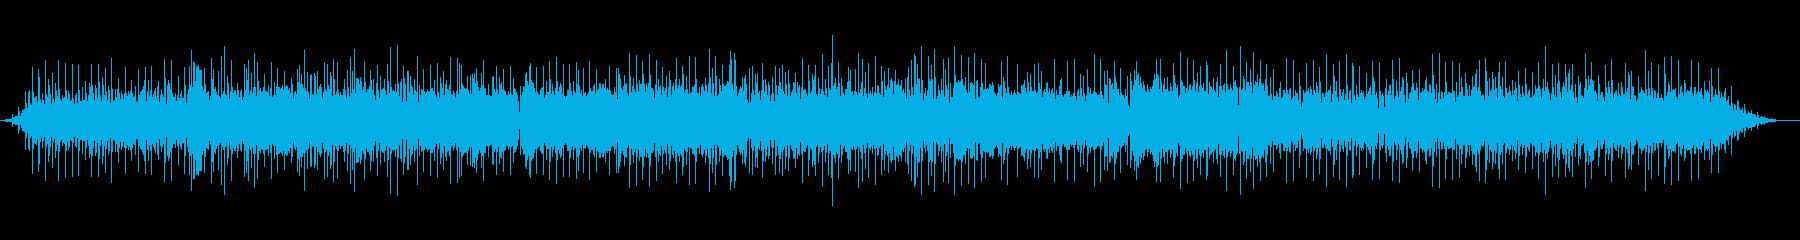 クールなAORの再生済みの波形